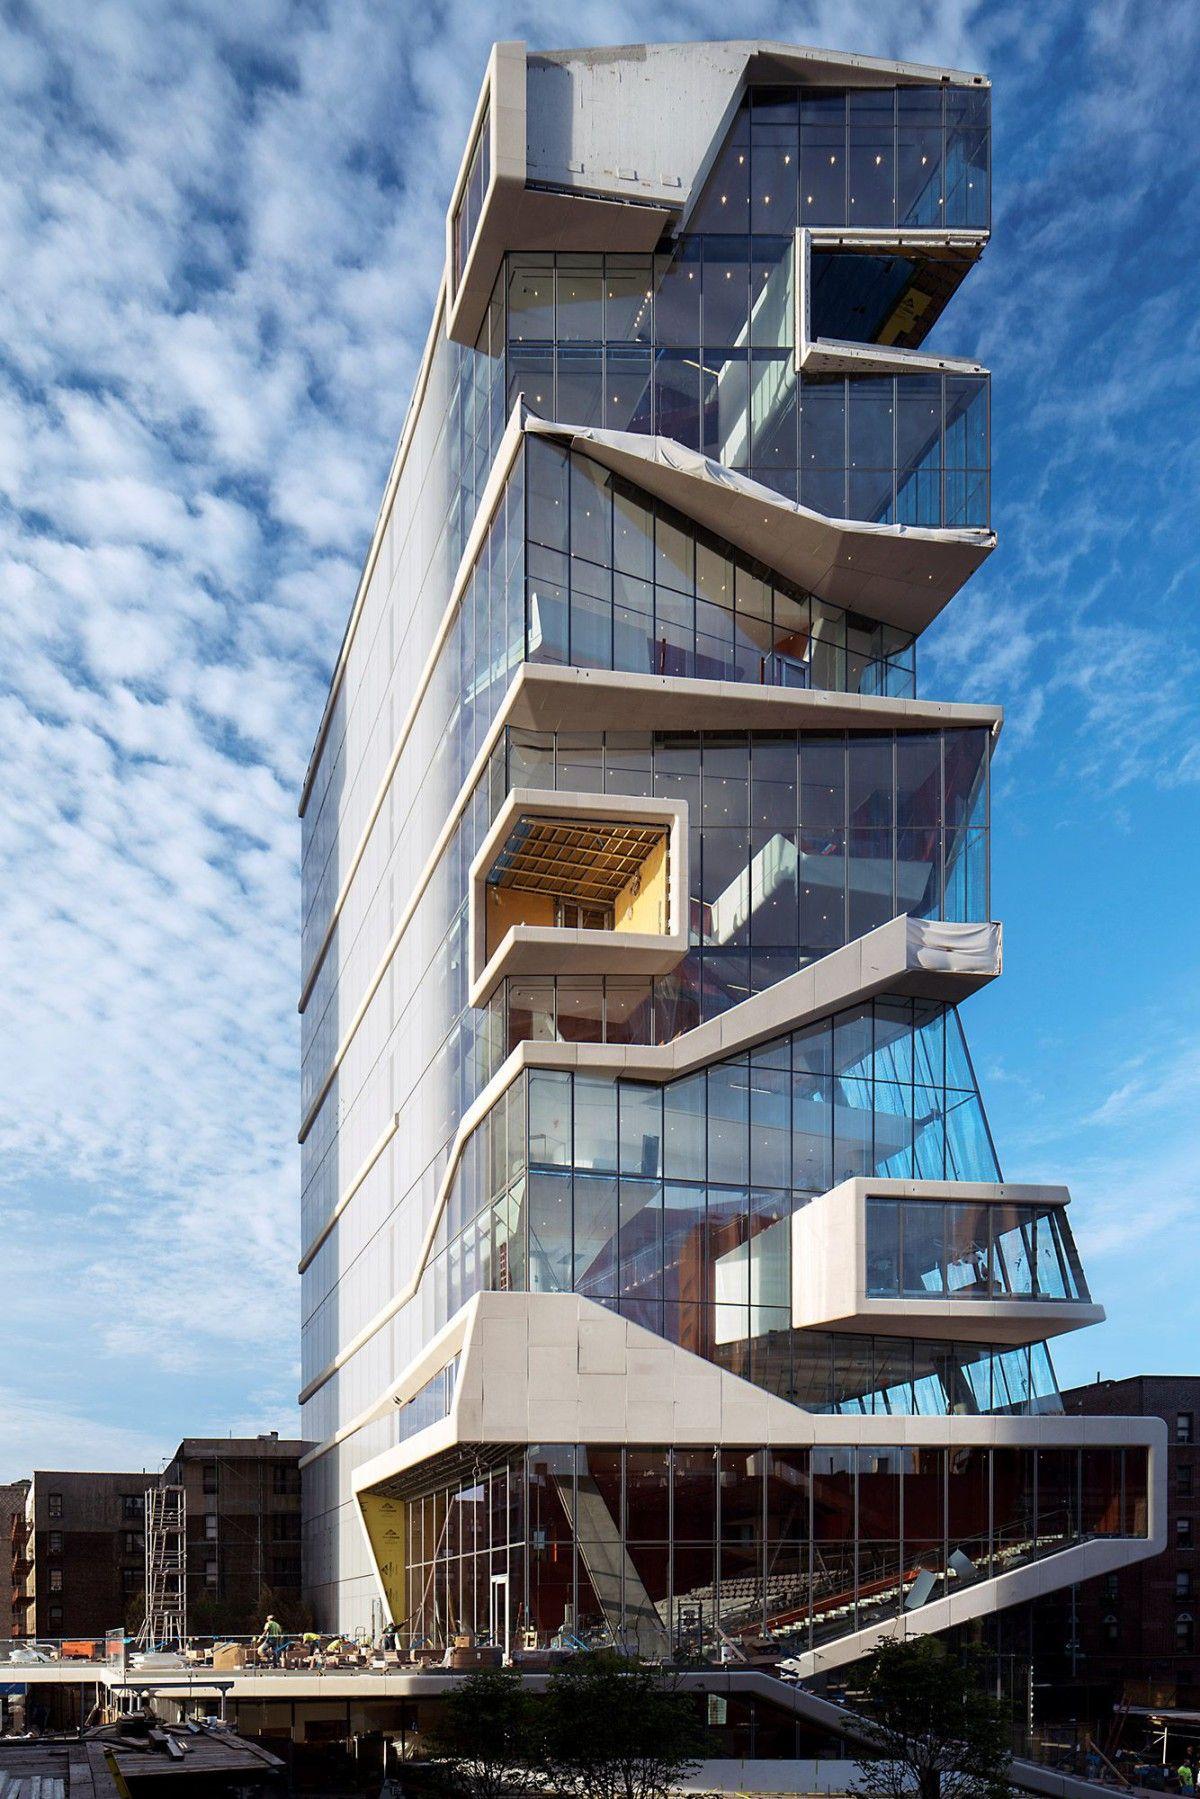 Diller scofidio renfro vagelos center new york 1 architecture architektur - Futuristische architektur ...